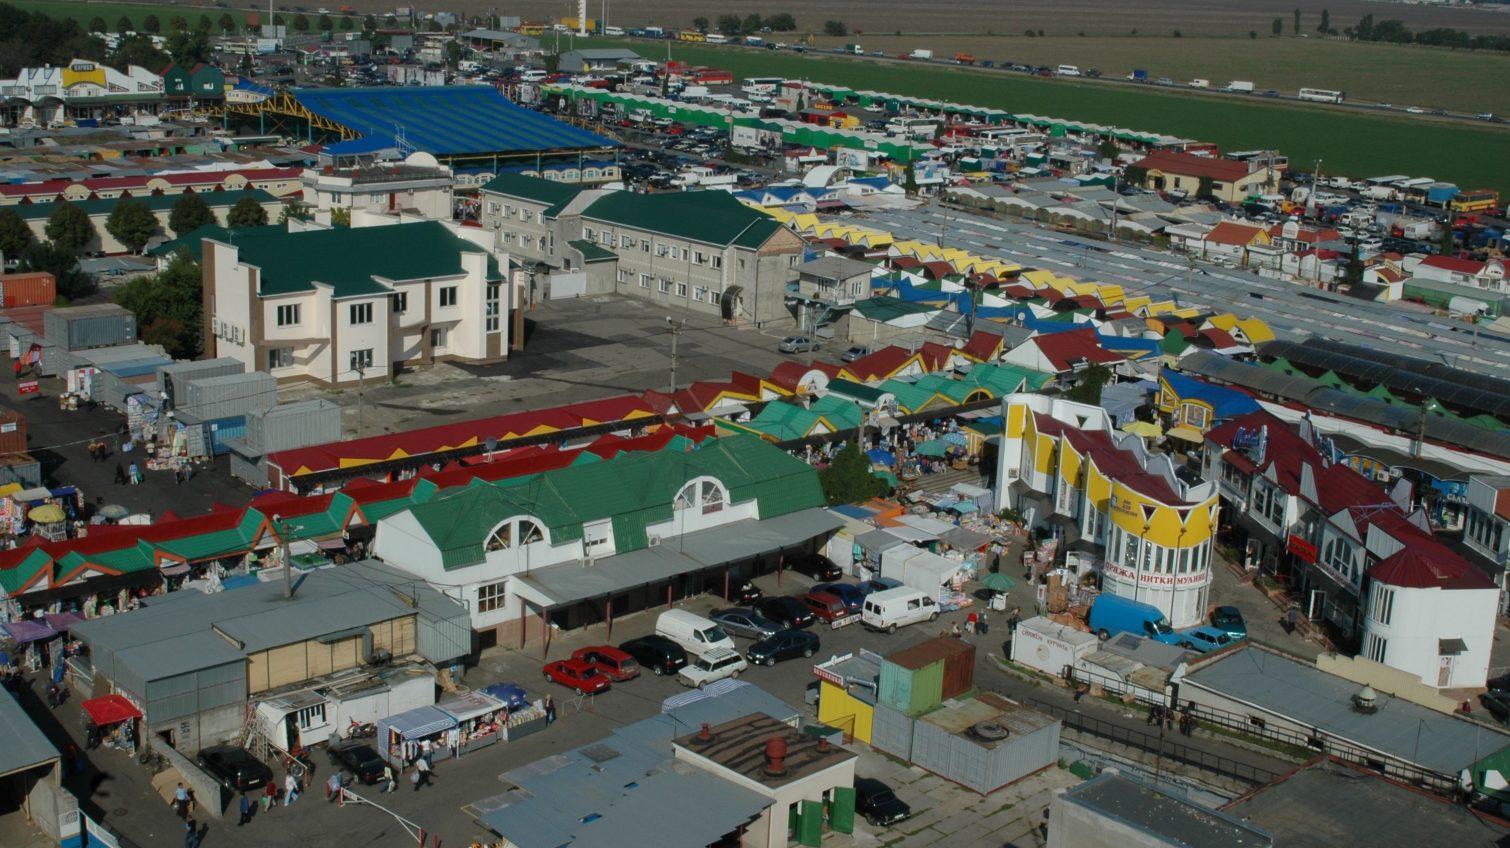 Предприниматели «7 километра» боятся закрытия, а руководство рынка говорит, что речь идет о ремонте «фото»